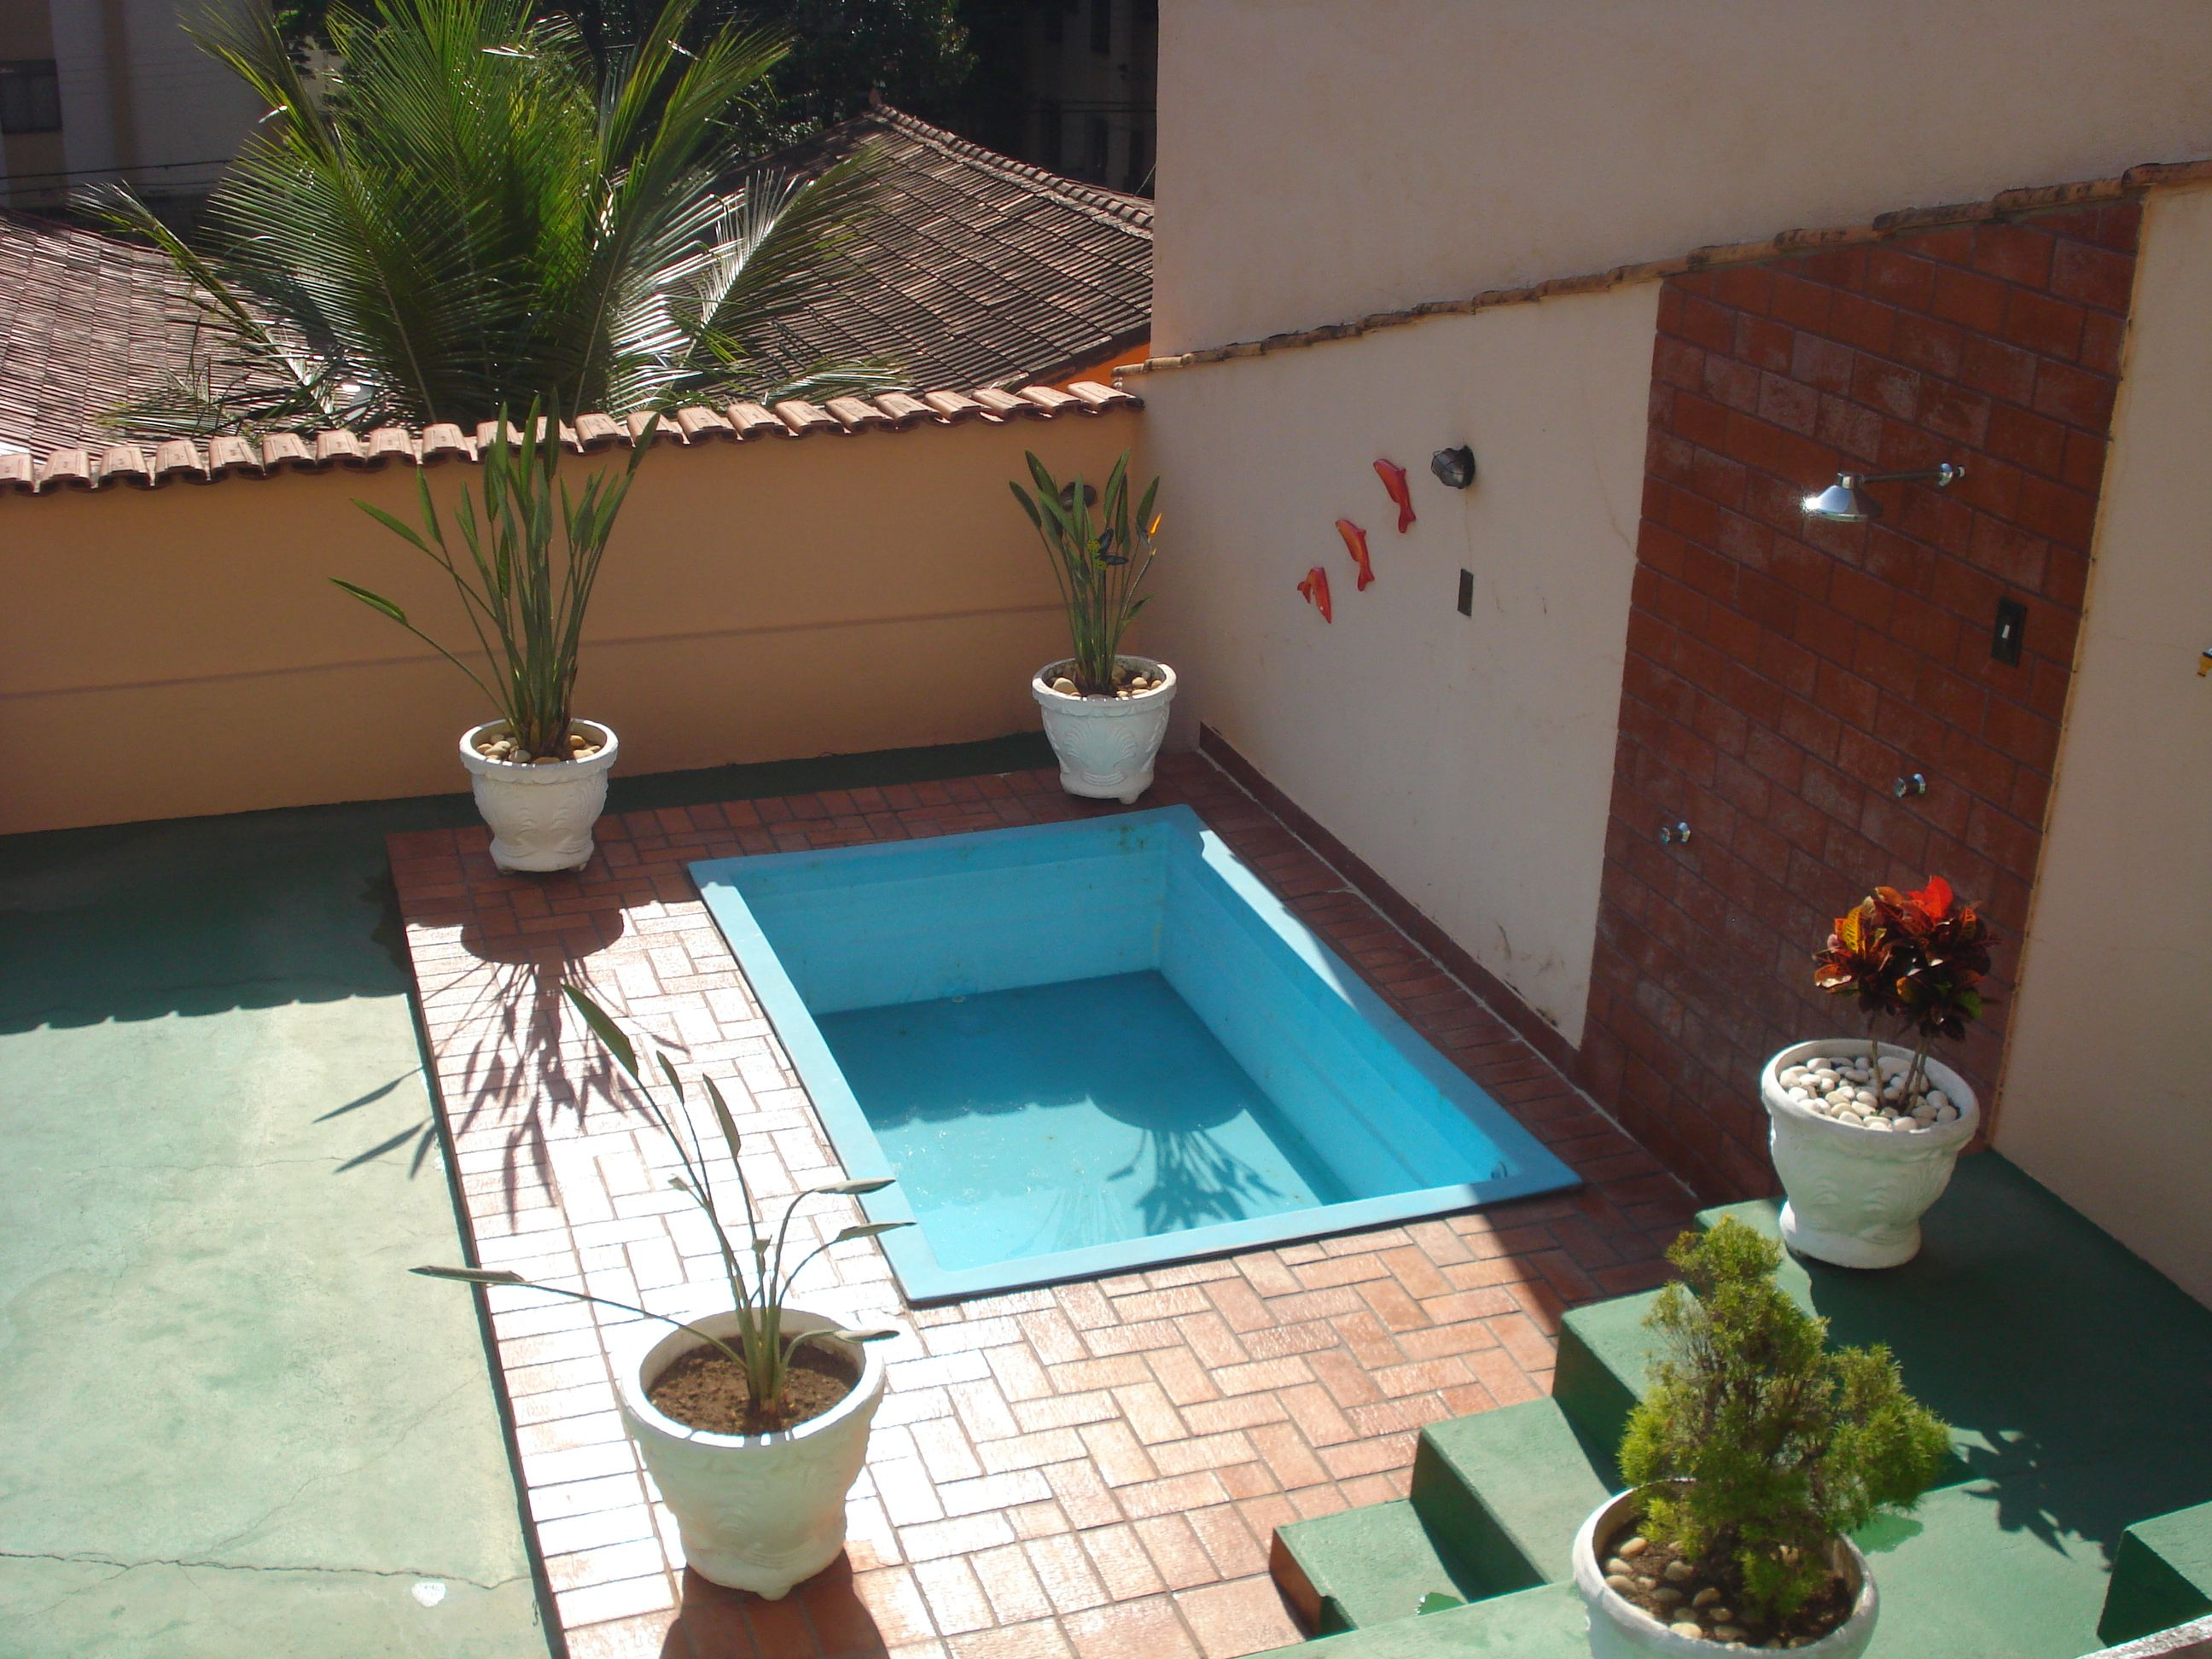 Casa com piscina pequena pesquisa google for Piscinas pequenas